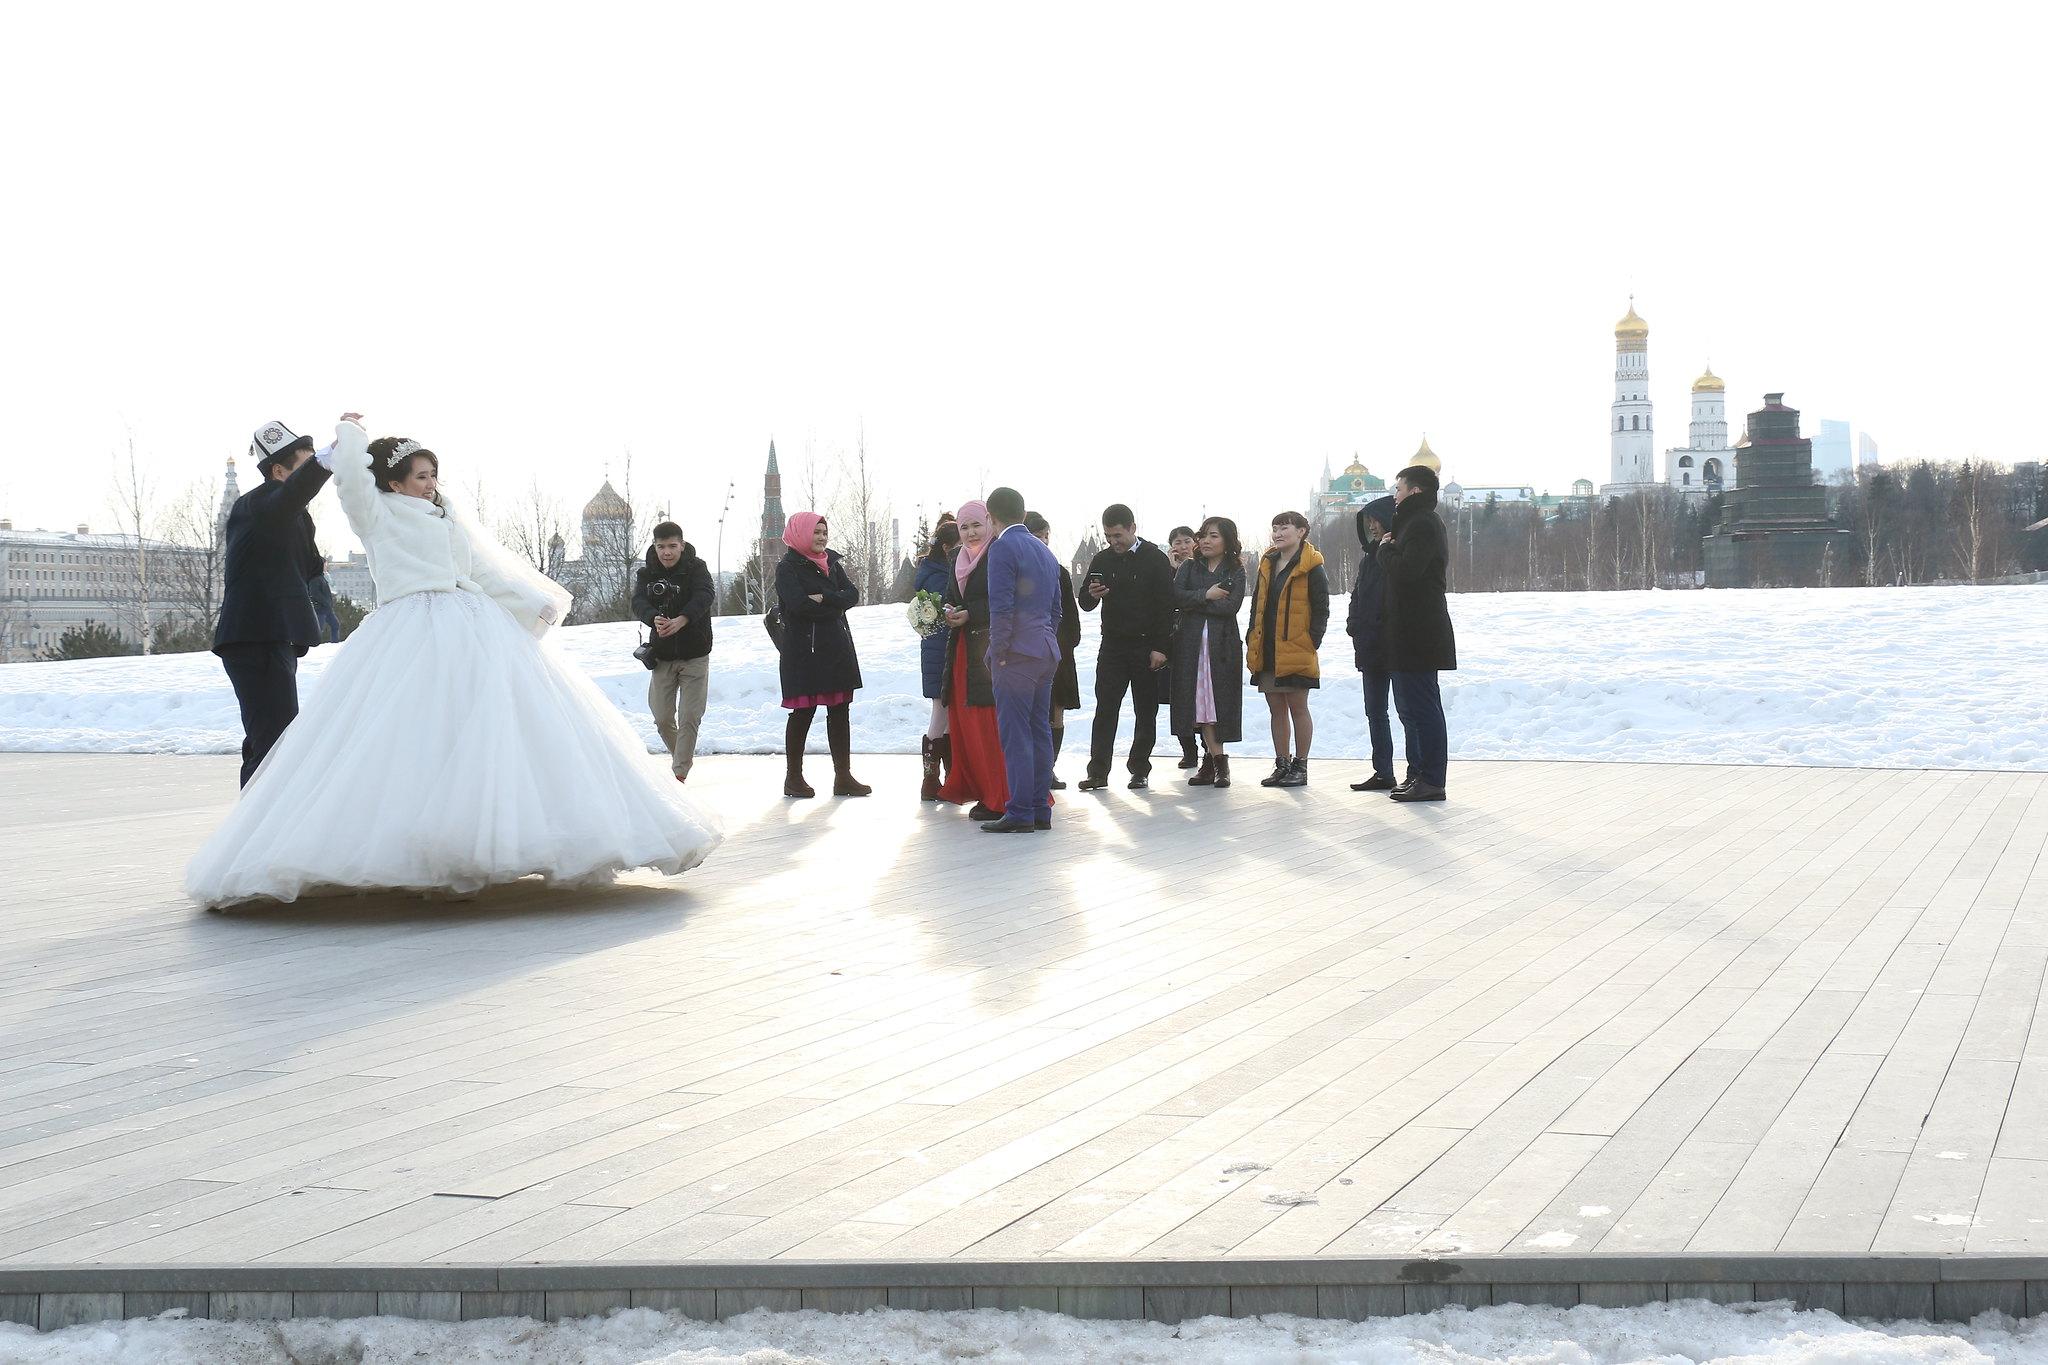 киргизские свадьбы как проходят в москве видео если